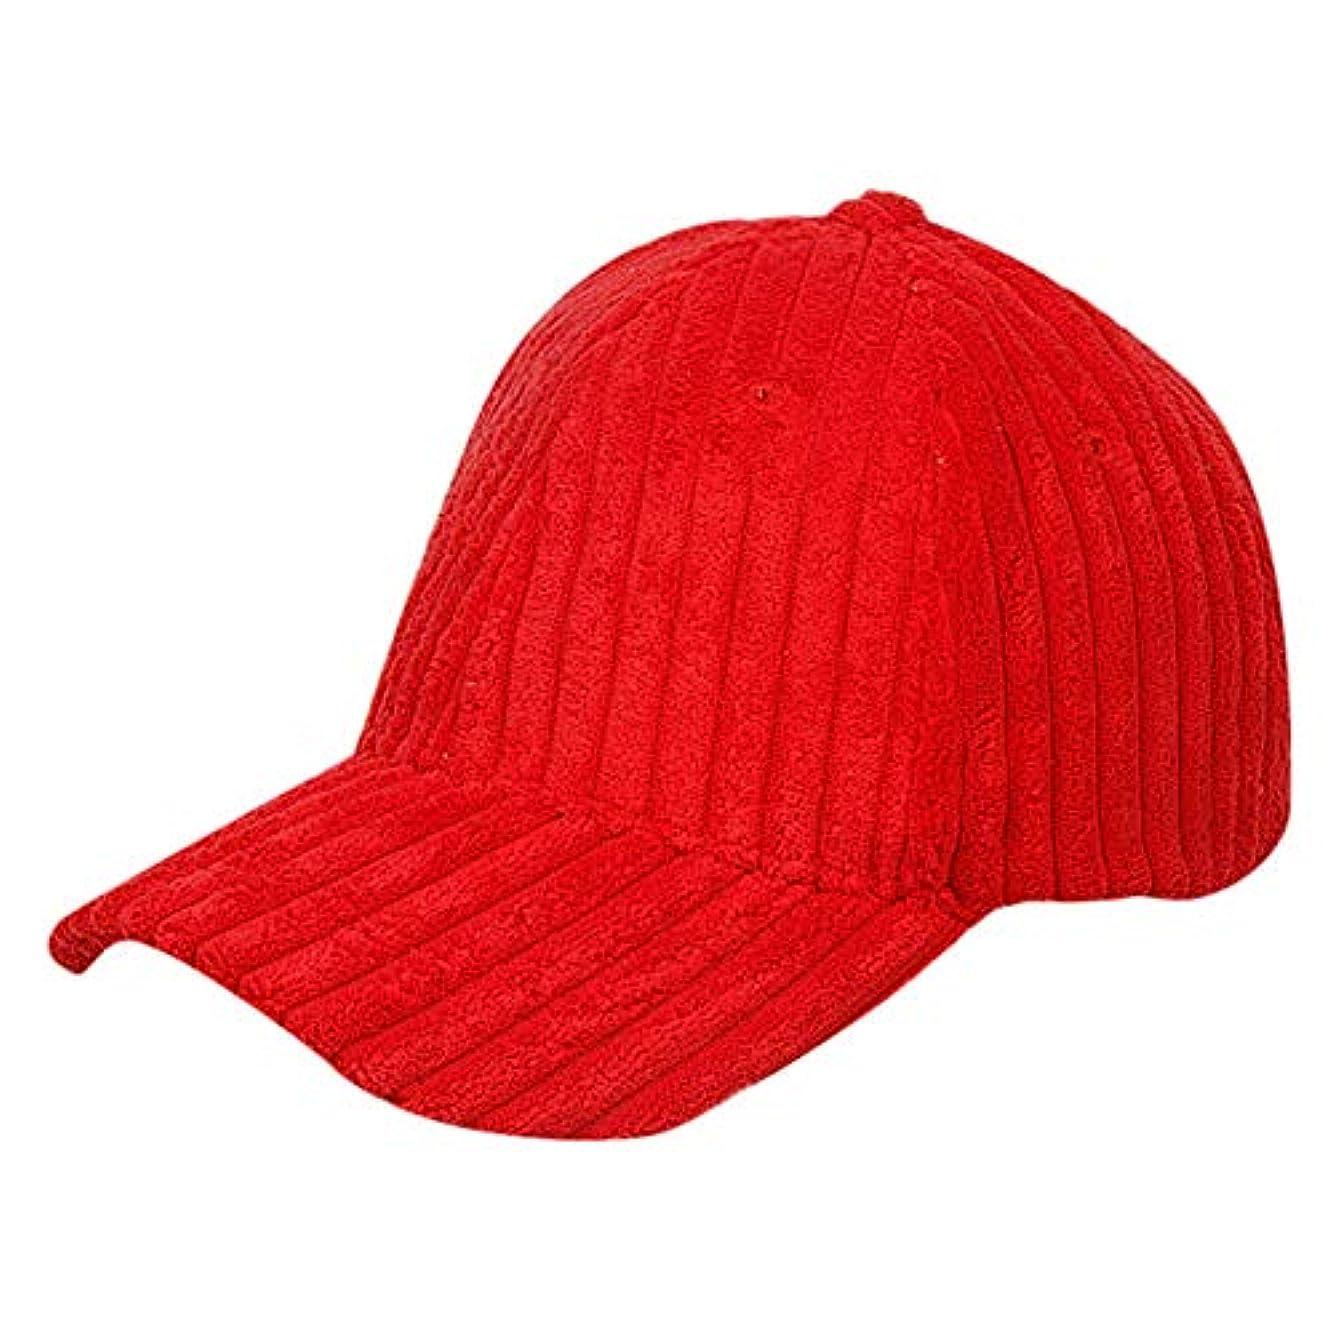 区フリースマーカーRacazing Cap コーデュロイ 野球帽 迷彩 冬 登山 通気性のある メッシュ 帽子 ベルクロ 可調整可能 ストライプ 刺繍 棒球帽 UV 帽子 軽量 屋外 Unisex Hat (赤)